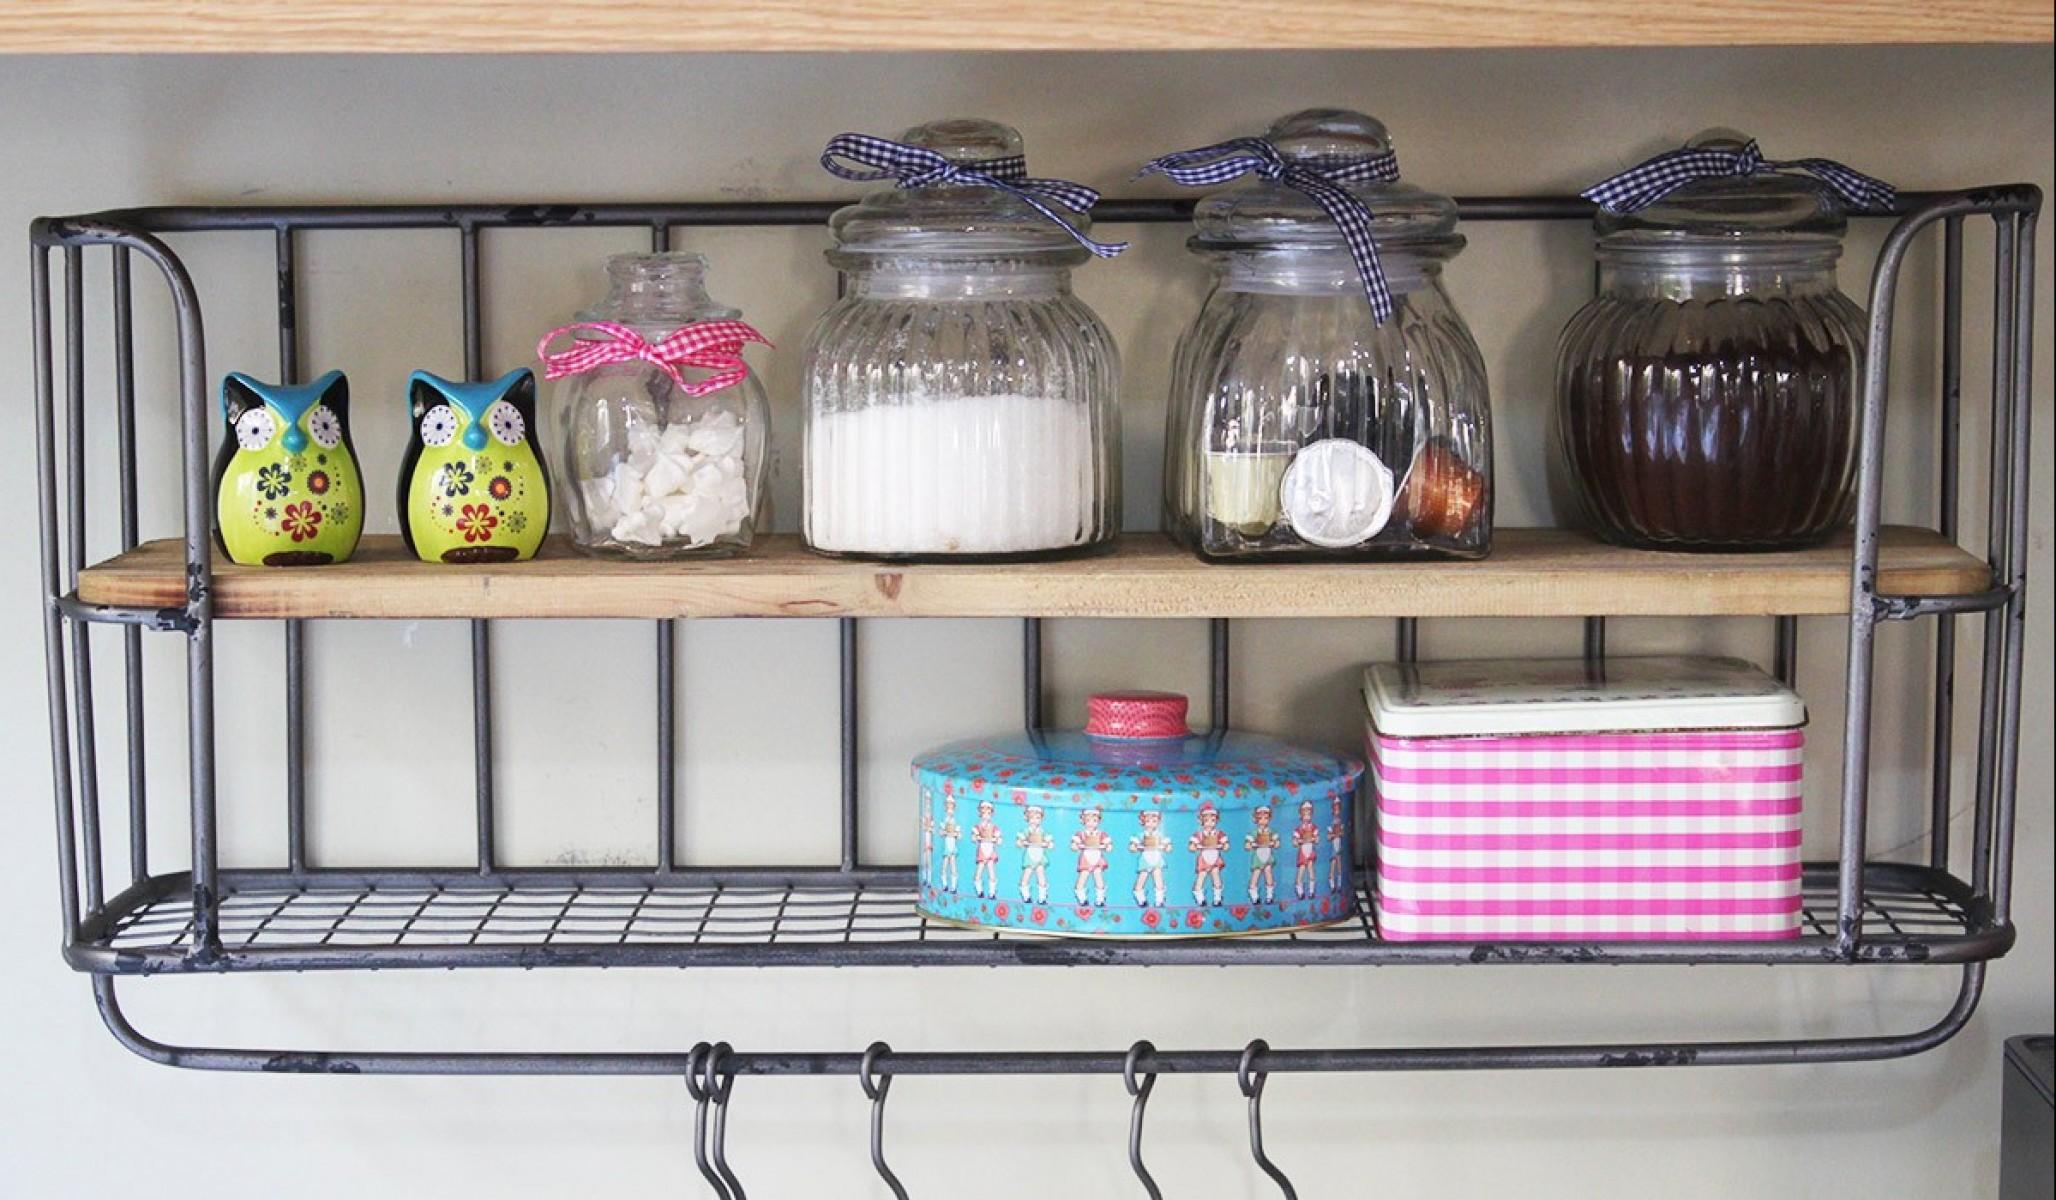 מתקן תלייה למטבח וקופסאות אחסון צבעוניות